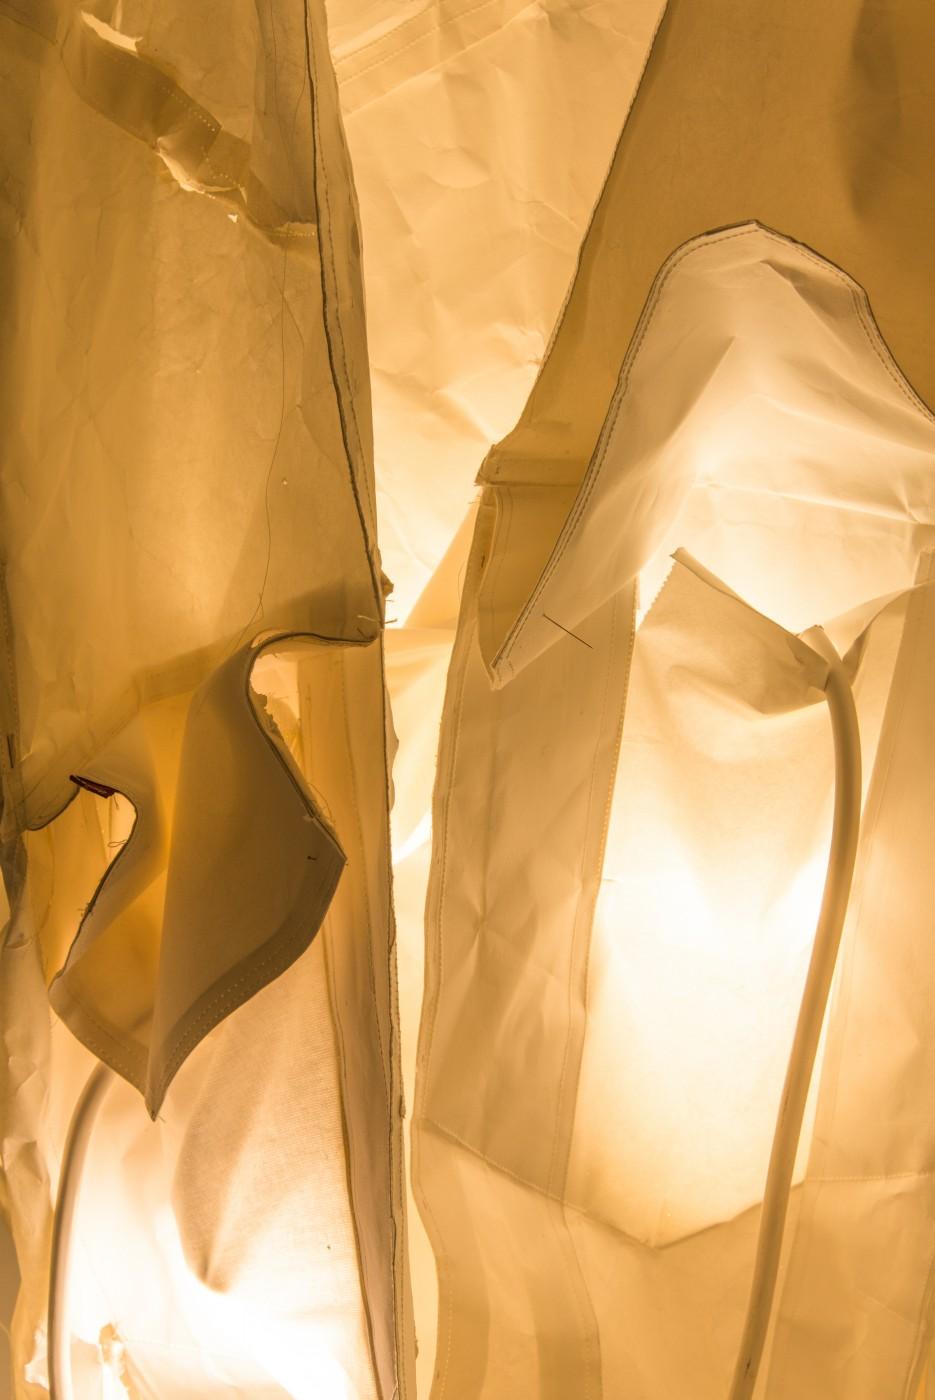 MÉLANIE MATRANGRA  My Shape</I> (detail), 2018 Paper, lights, thread, steel, paint 115 x 120 x 70 cm / 45.3 x 47.2 x 27.6 in